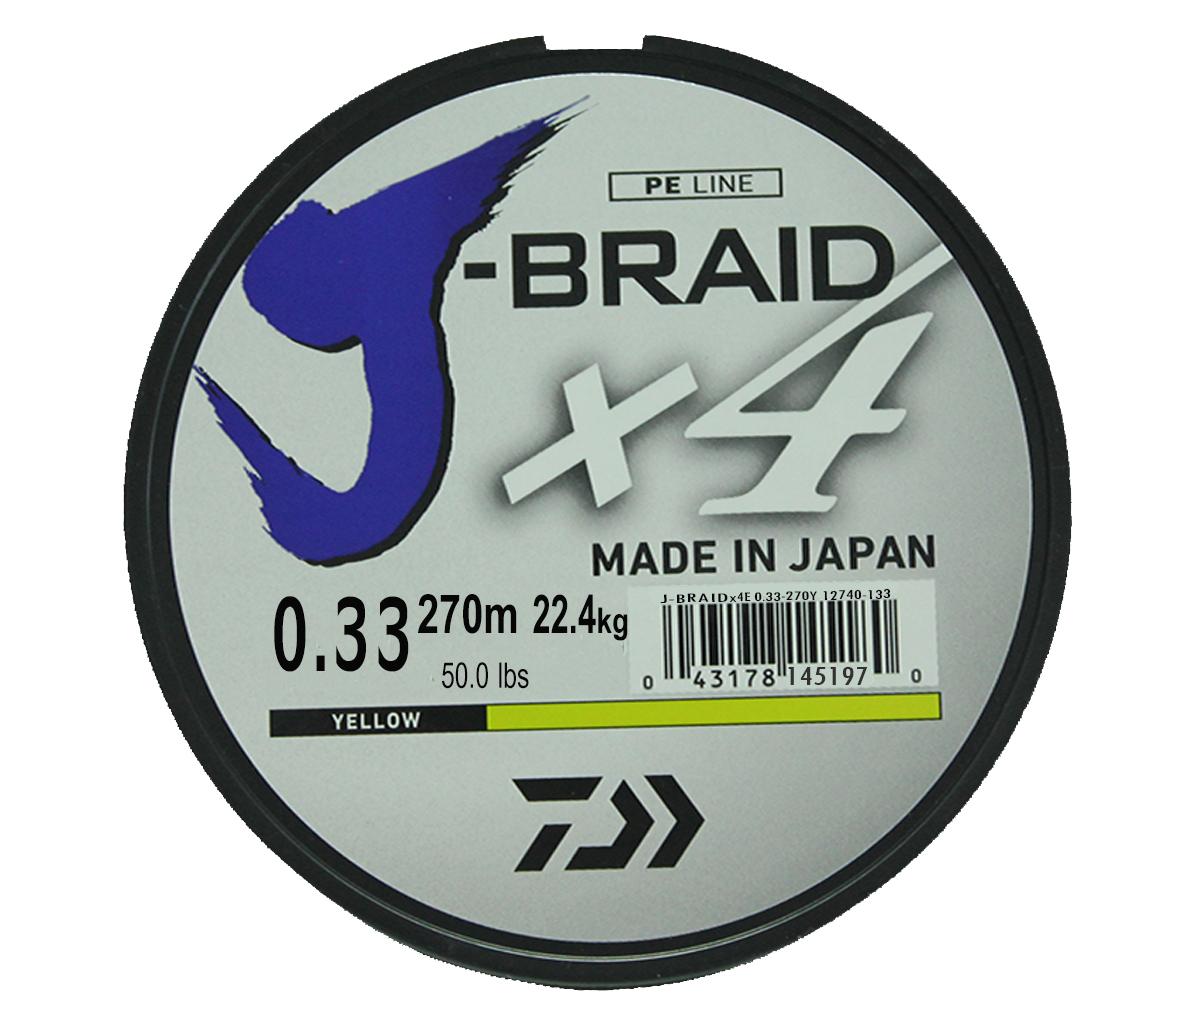 Шнур плетеный Daiwa J-Braid X4, цвет: флуоресцентный желтый, 270 м, 0,33 мм61156Новый 4х жильный шнур J-Braid, DAIWA - шнур высокого класса с удивительным соотношением цены и качества. Качество плетения полностьюсоответствует японским стандартам и удовлетворяет всем требованиям. Представленные диаметры позволяют использовать шнур для всех техникловли, начиная от ultra- light ловли окуня, до морской ловли палтуса, трески и т.д